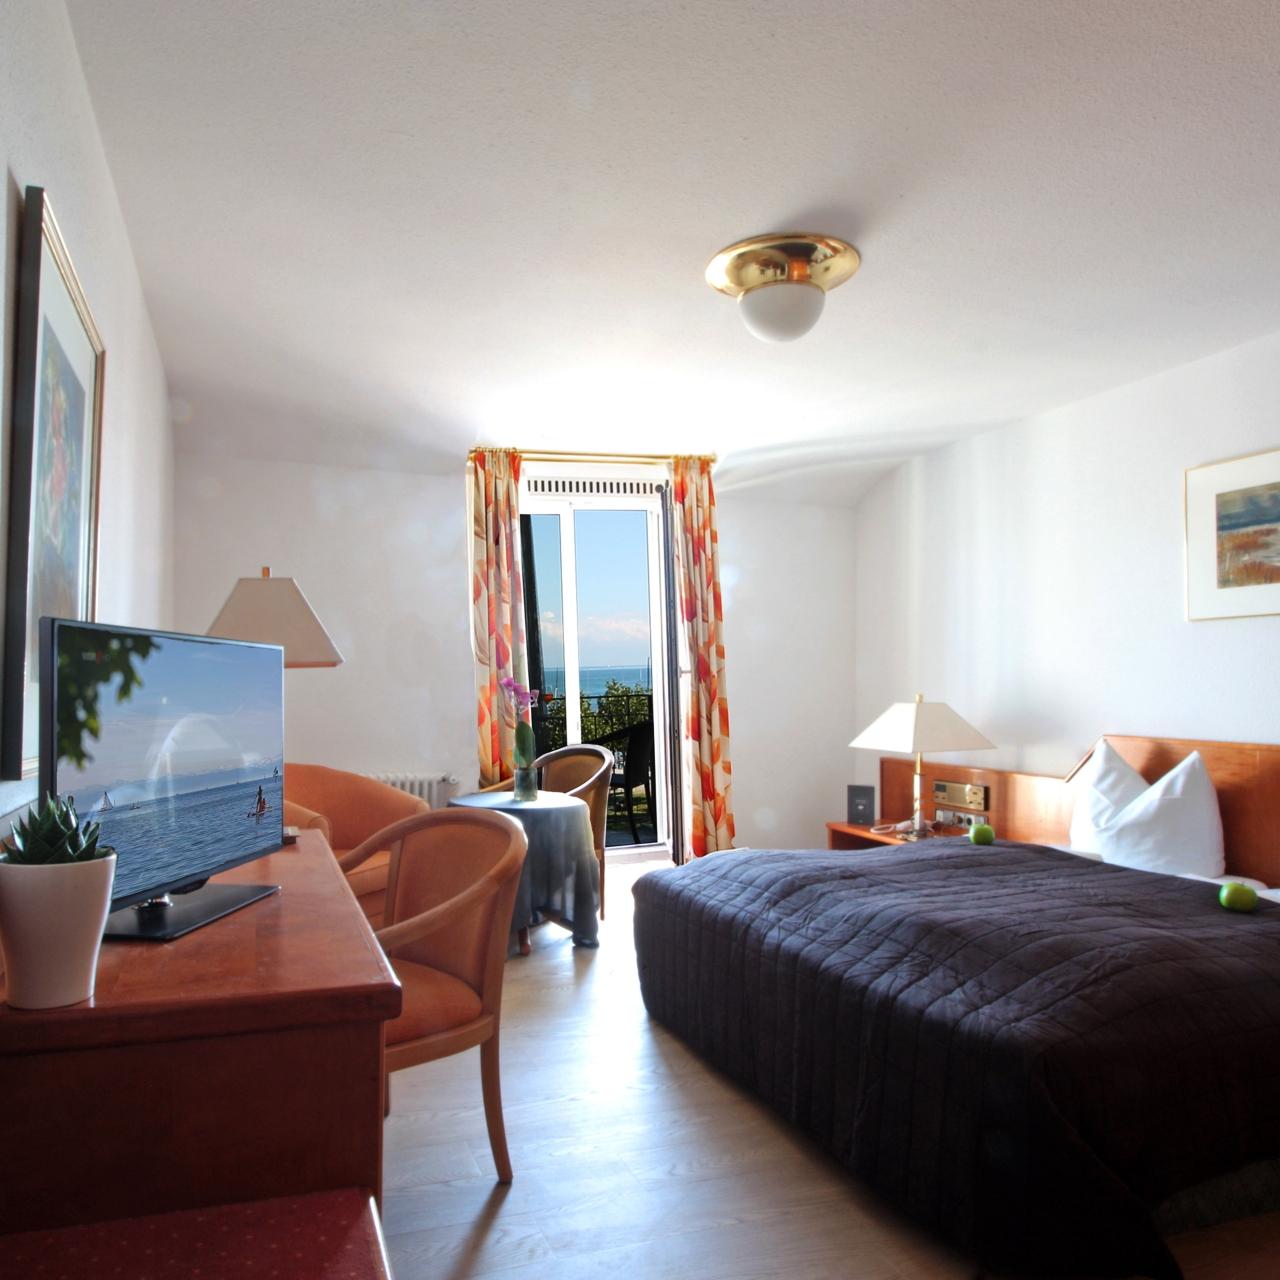 Schiff Am See Hotel 3 Hrs Star Hotel In Konstanz Baden